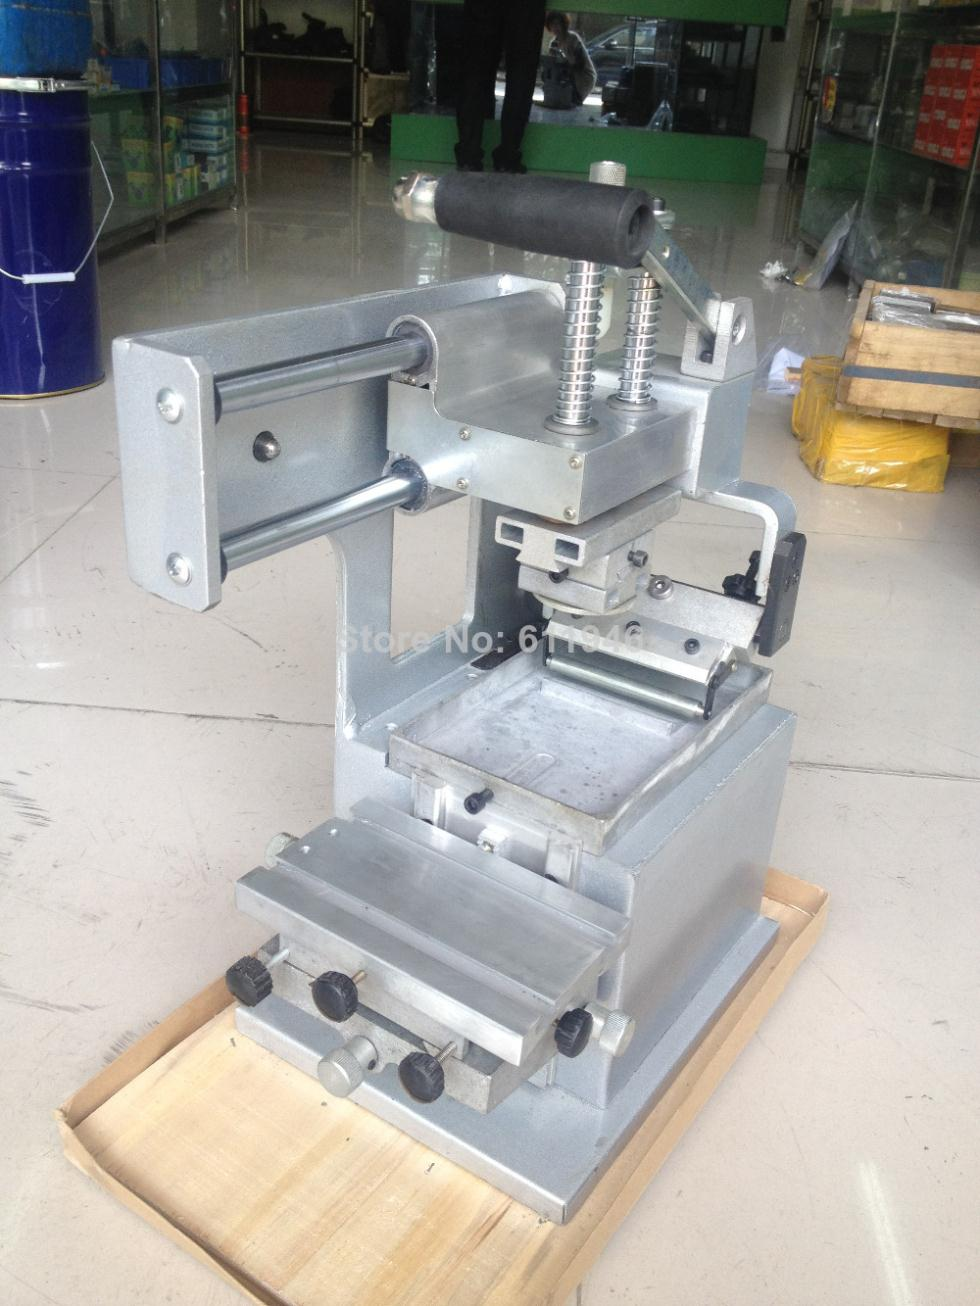 """""""1PC"""" rankinės trinkelių spausdinimo įrangos įmonės logotipų spausdintuvų mašinos vienos spalvos aliejaus štampavimo spausdintuvo dizainas die lentos pado galvutė"""